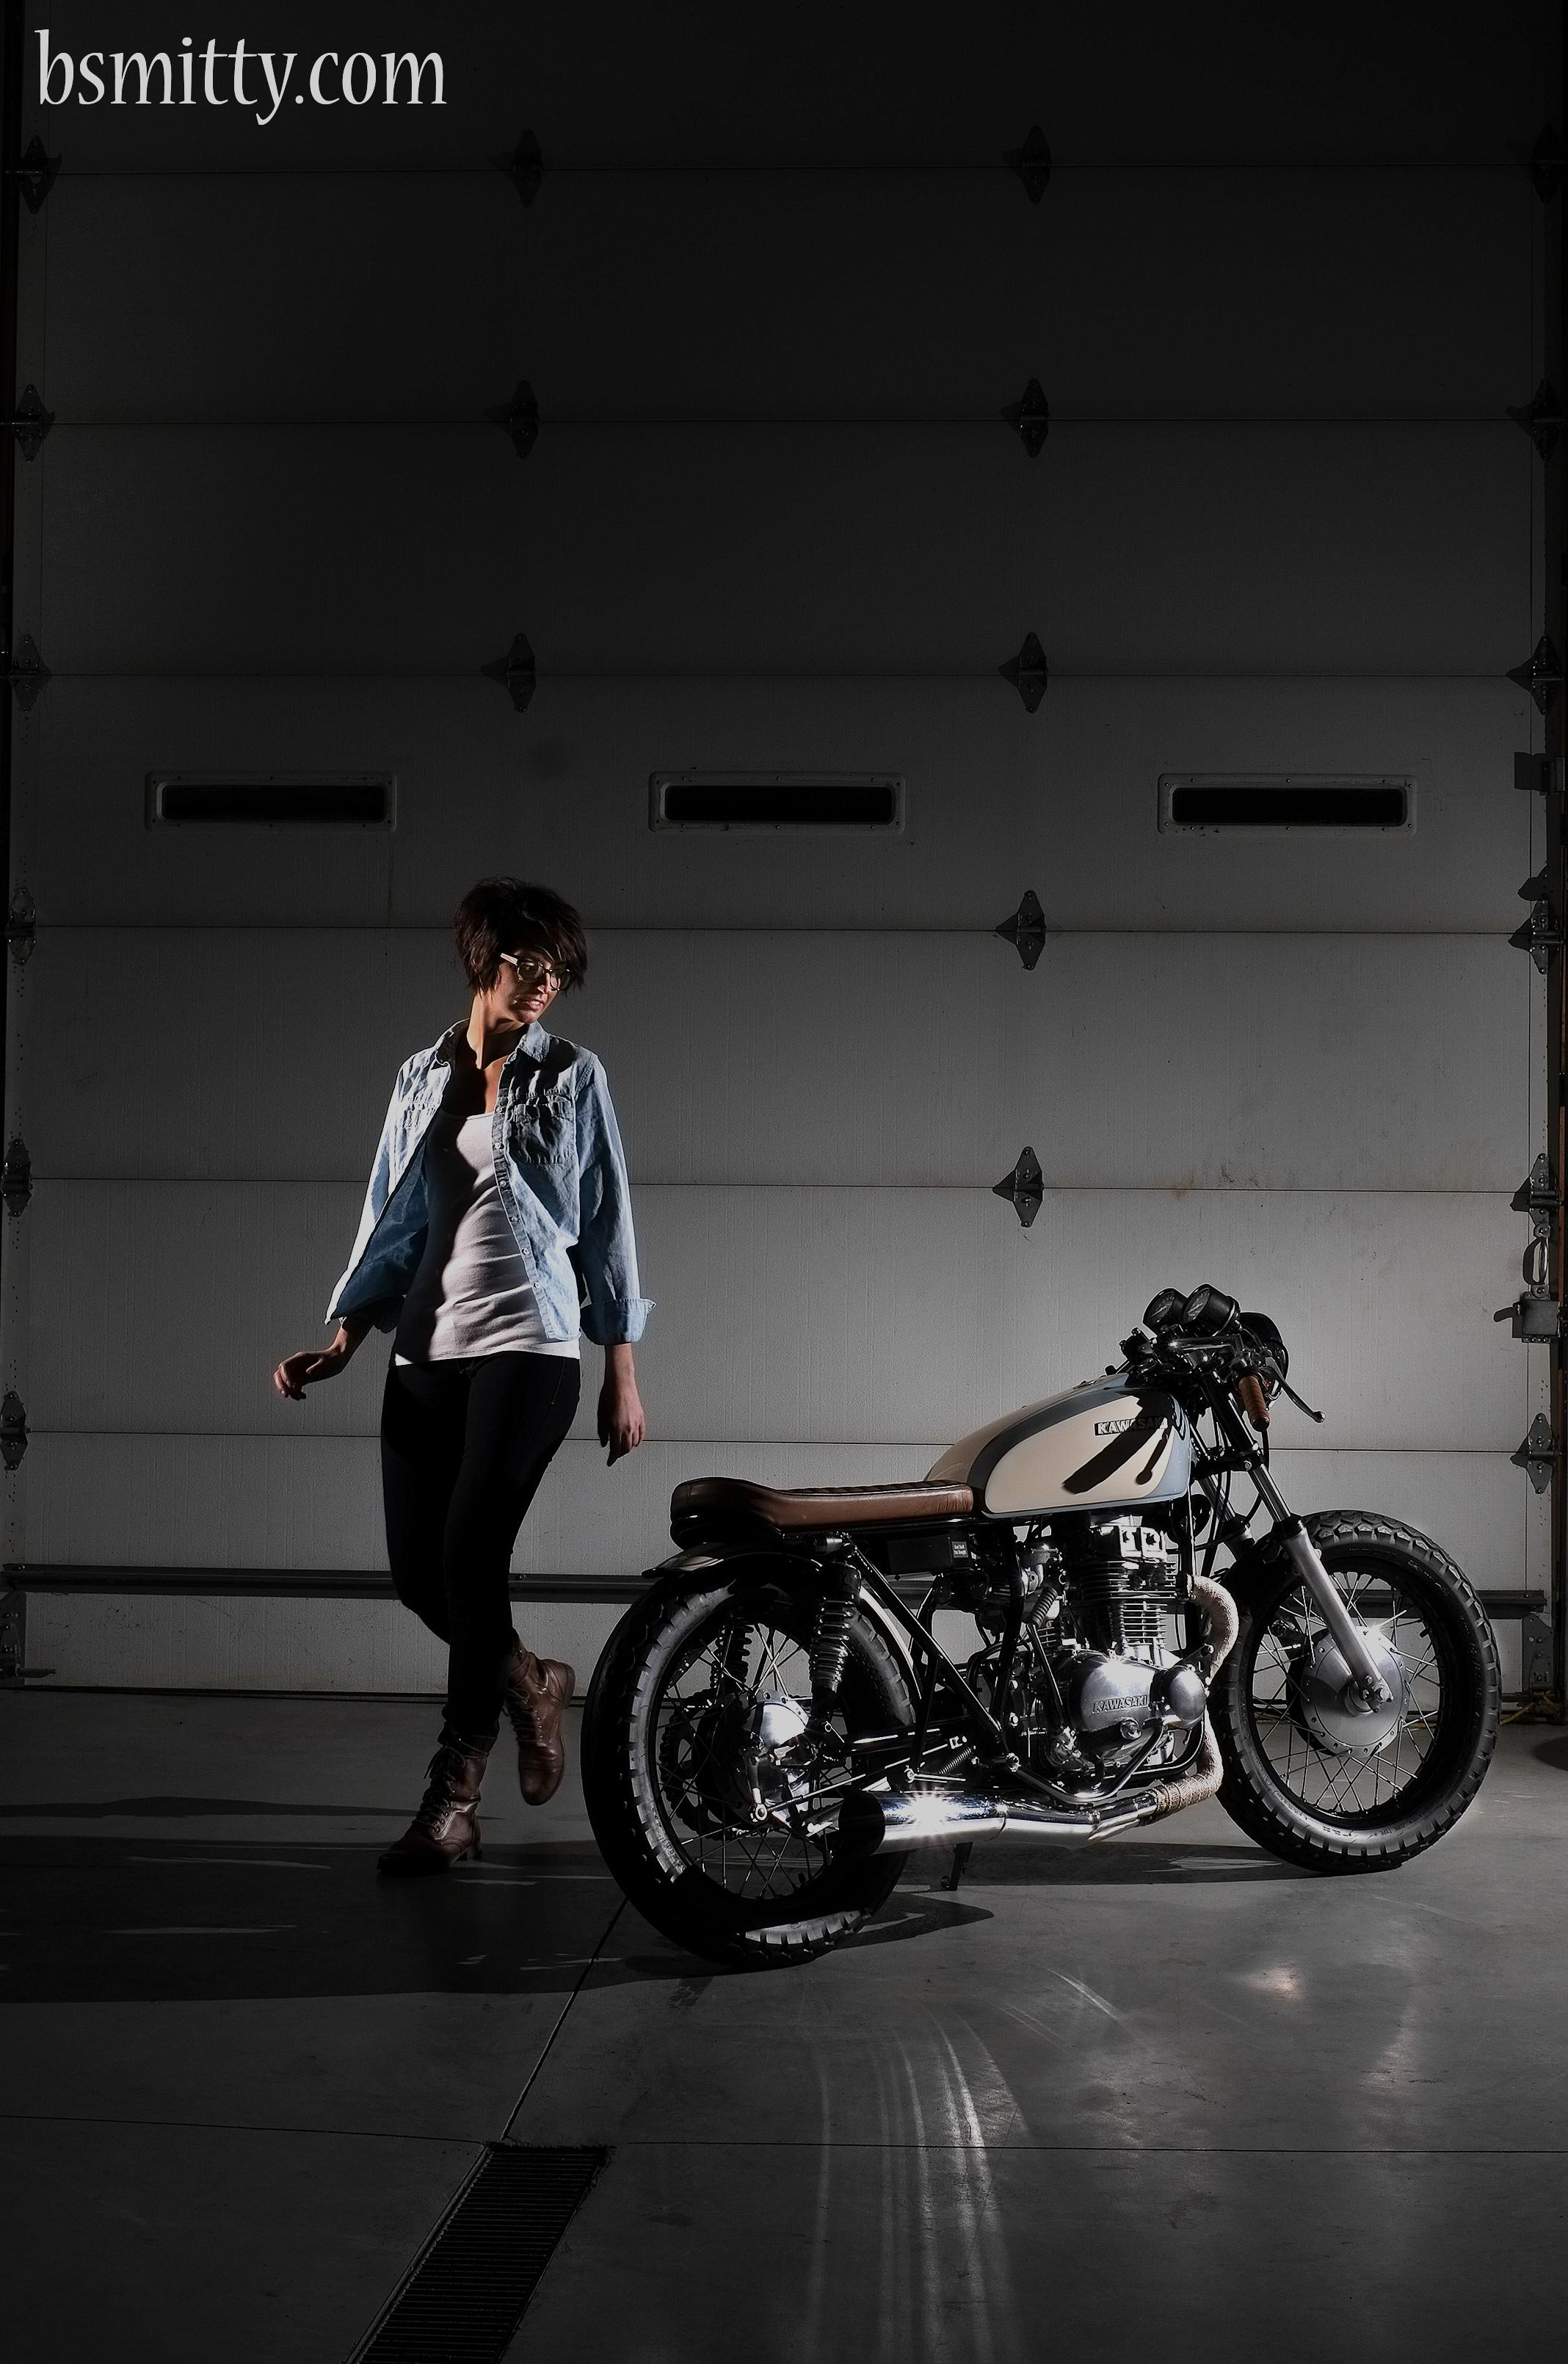 sadie g bike - photo bsmitty copy.jpg